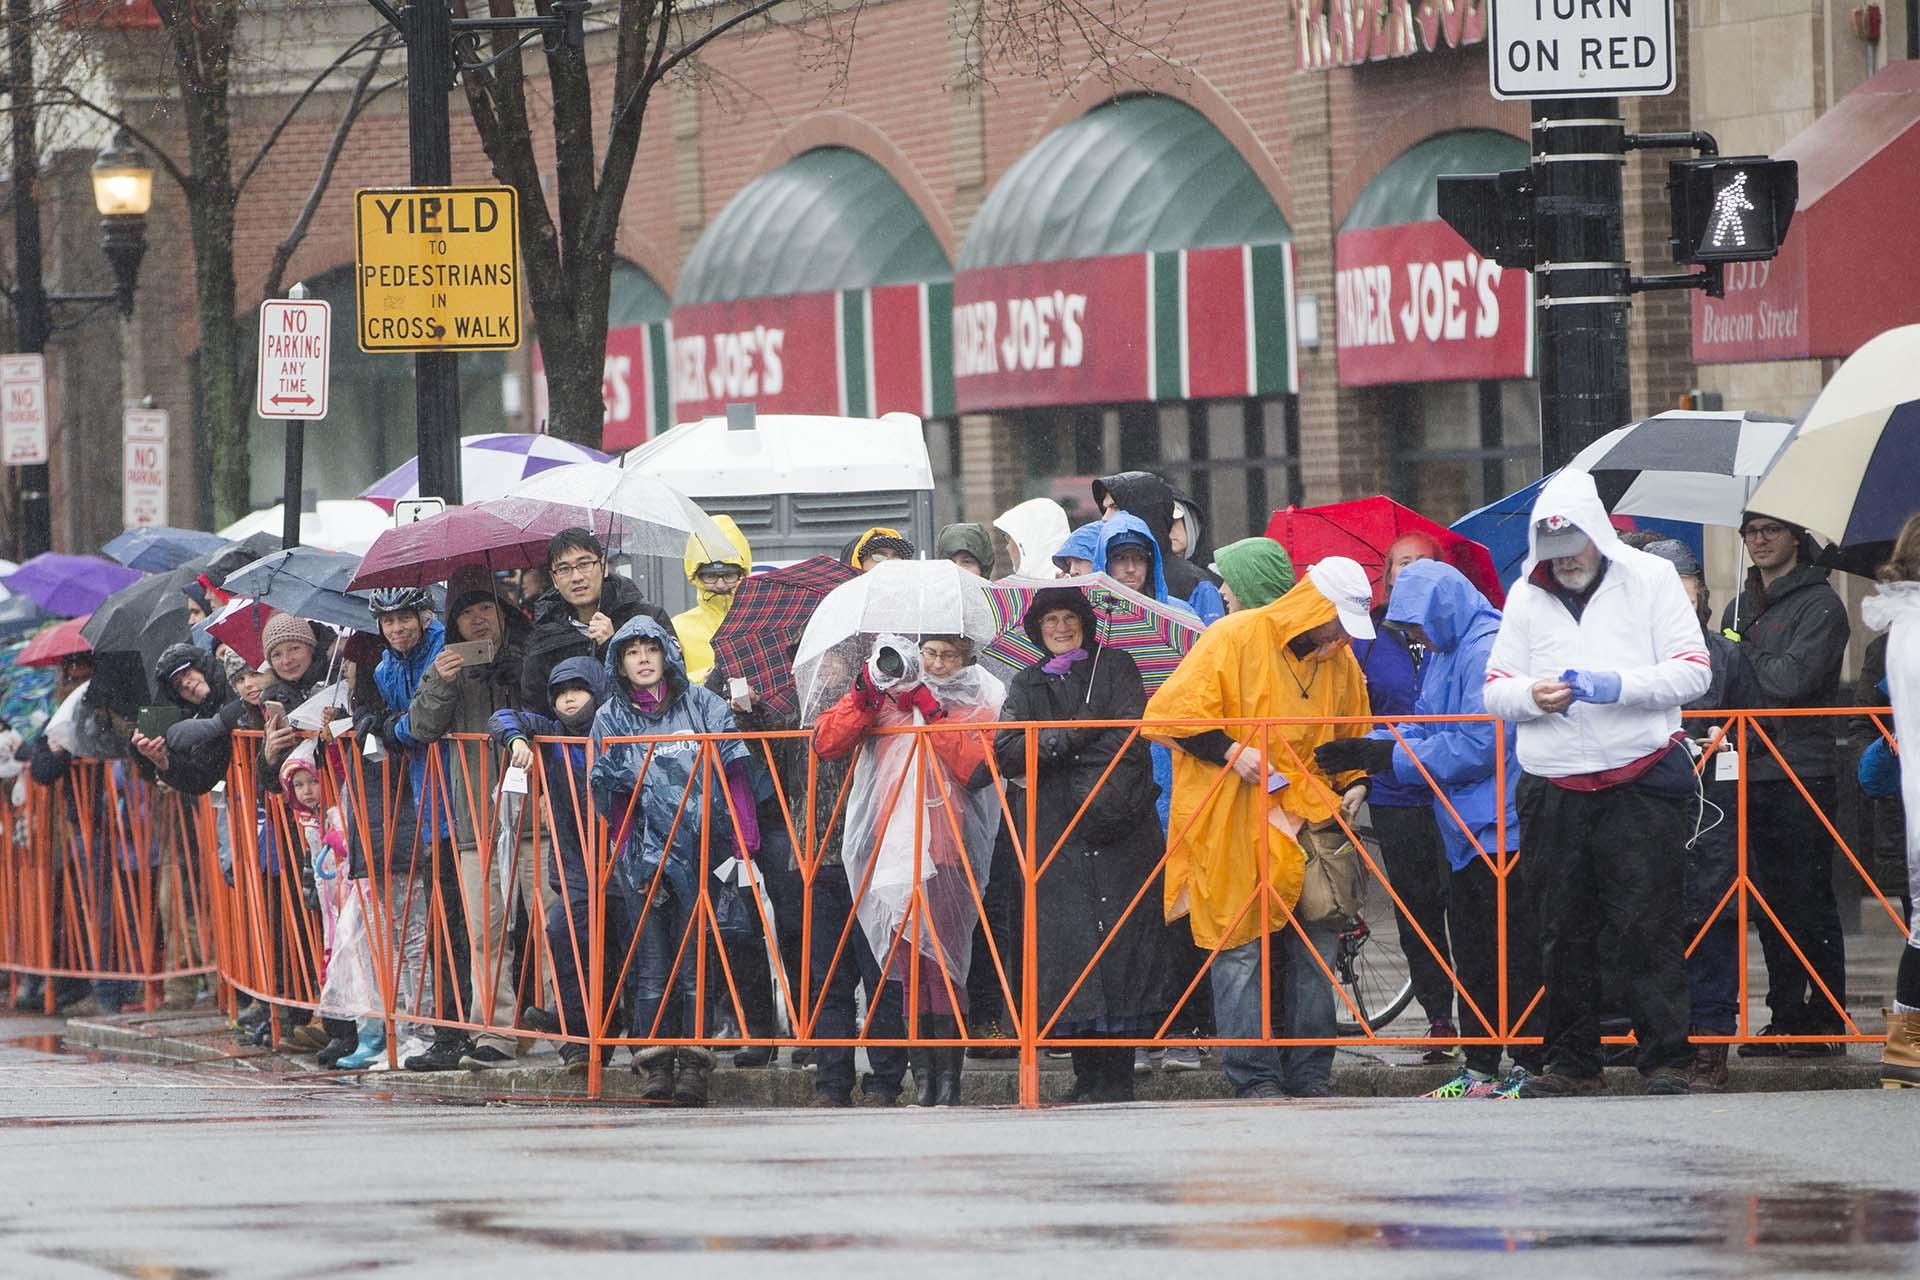 no solamente por las malas condiciones climatológicas, sino porque el tradicional partido de béisbol que todos los años disputan los Medias Rojas de Boston fue cancelado por la lluvia